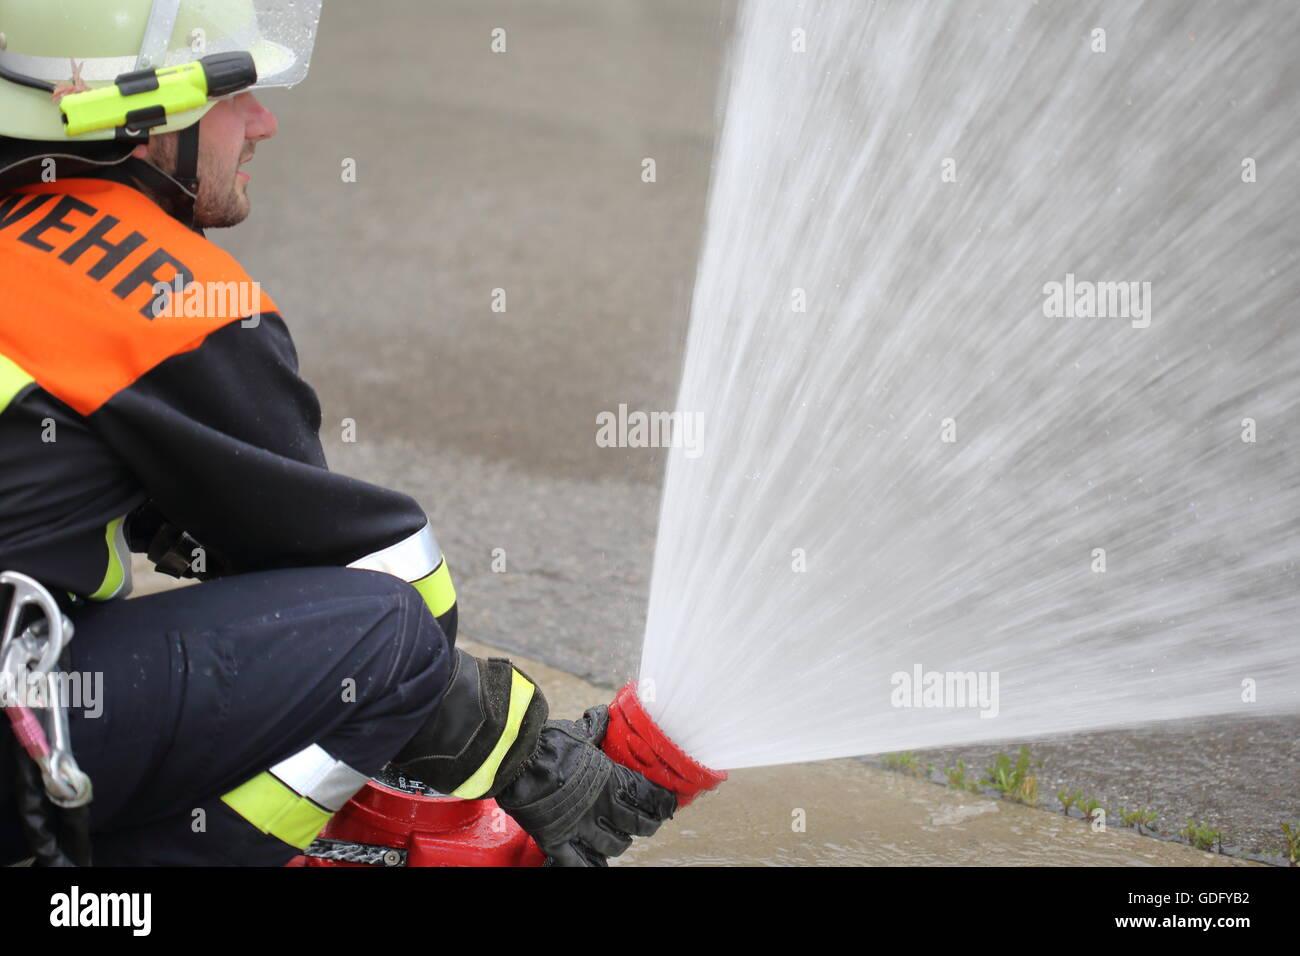 Un pompier avec lance de pulvérisation de canon à eau moniteur Photo Stock